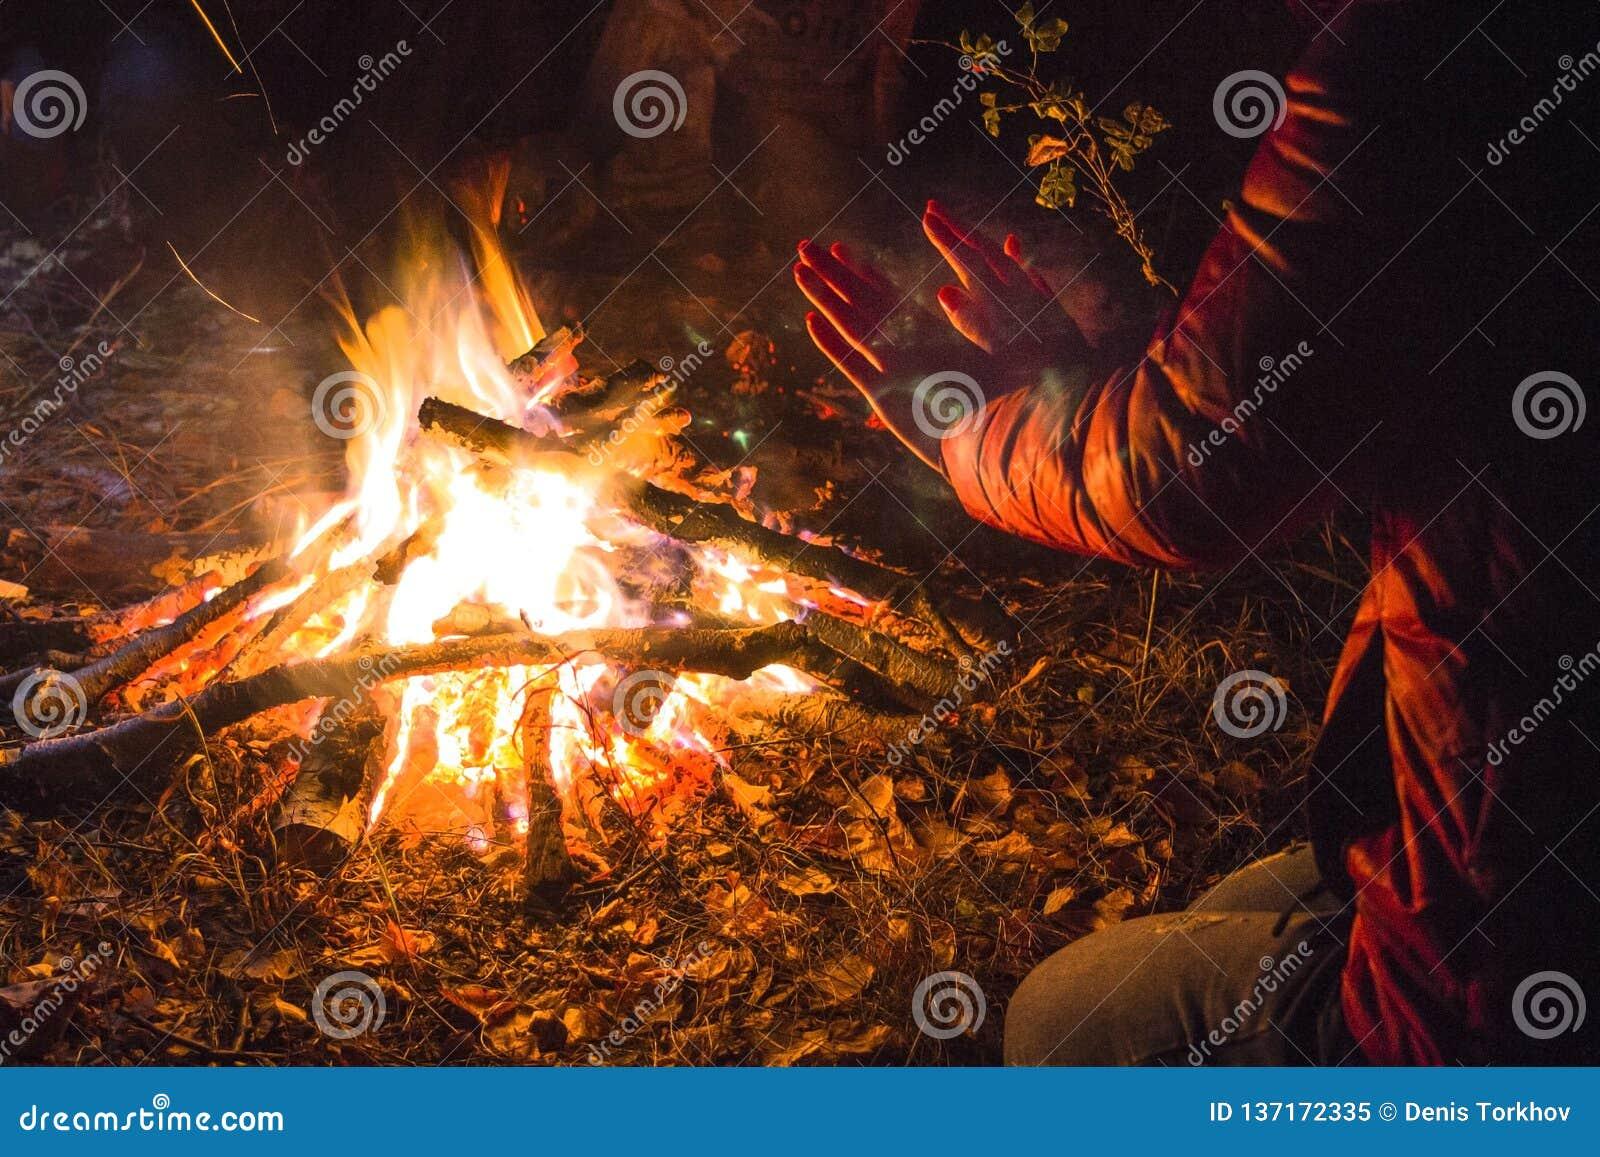 Flickan värme hennes händer från branden i nattskogen